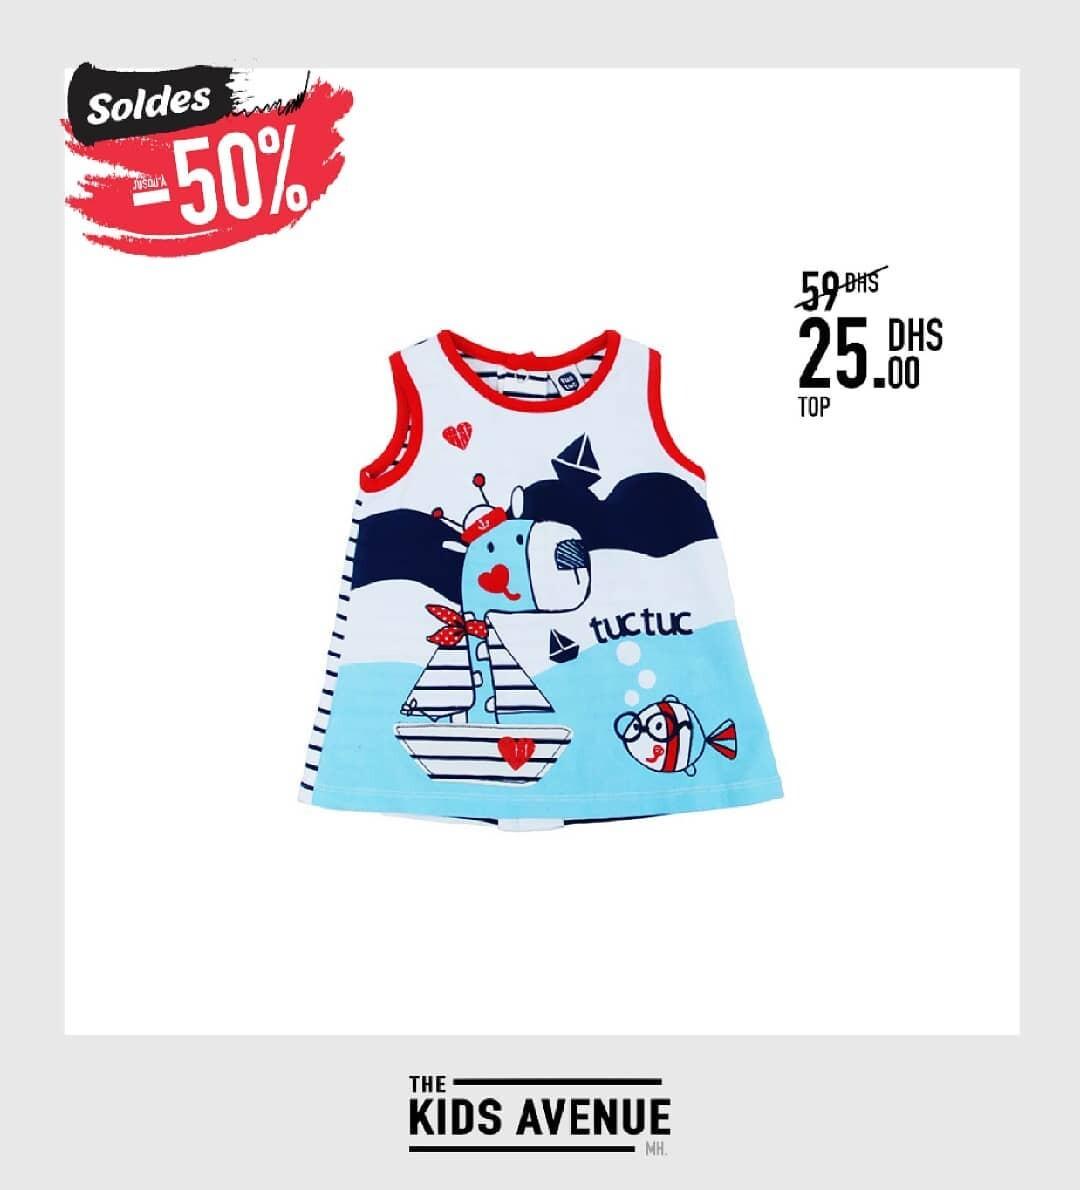 Soldes Kids Avenue MH Débardeur bébé garçon 25Dhs au lieu de 59Dhs